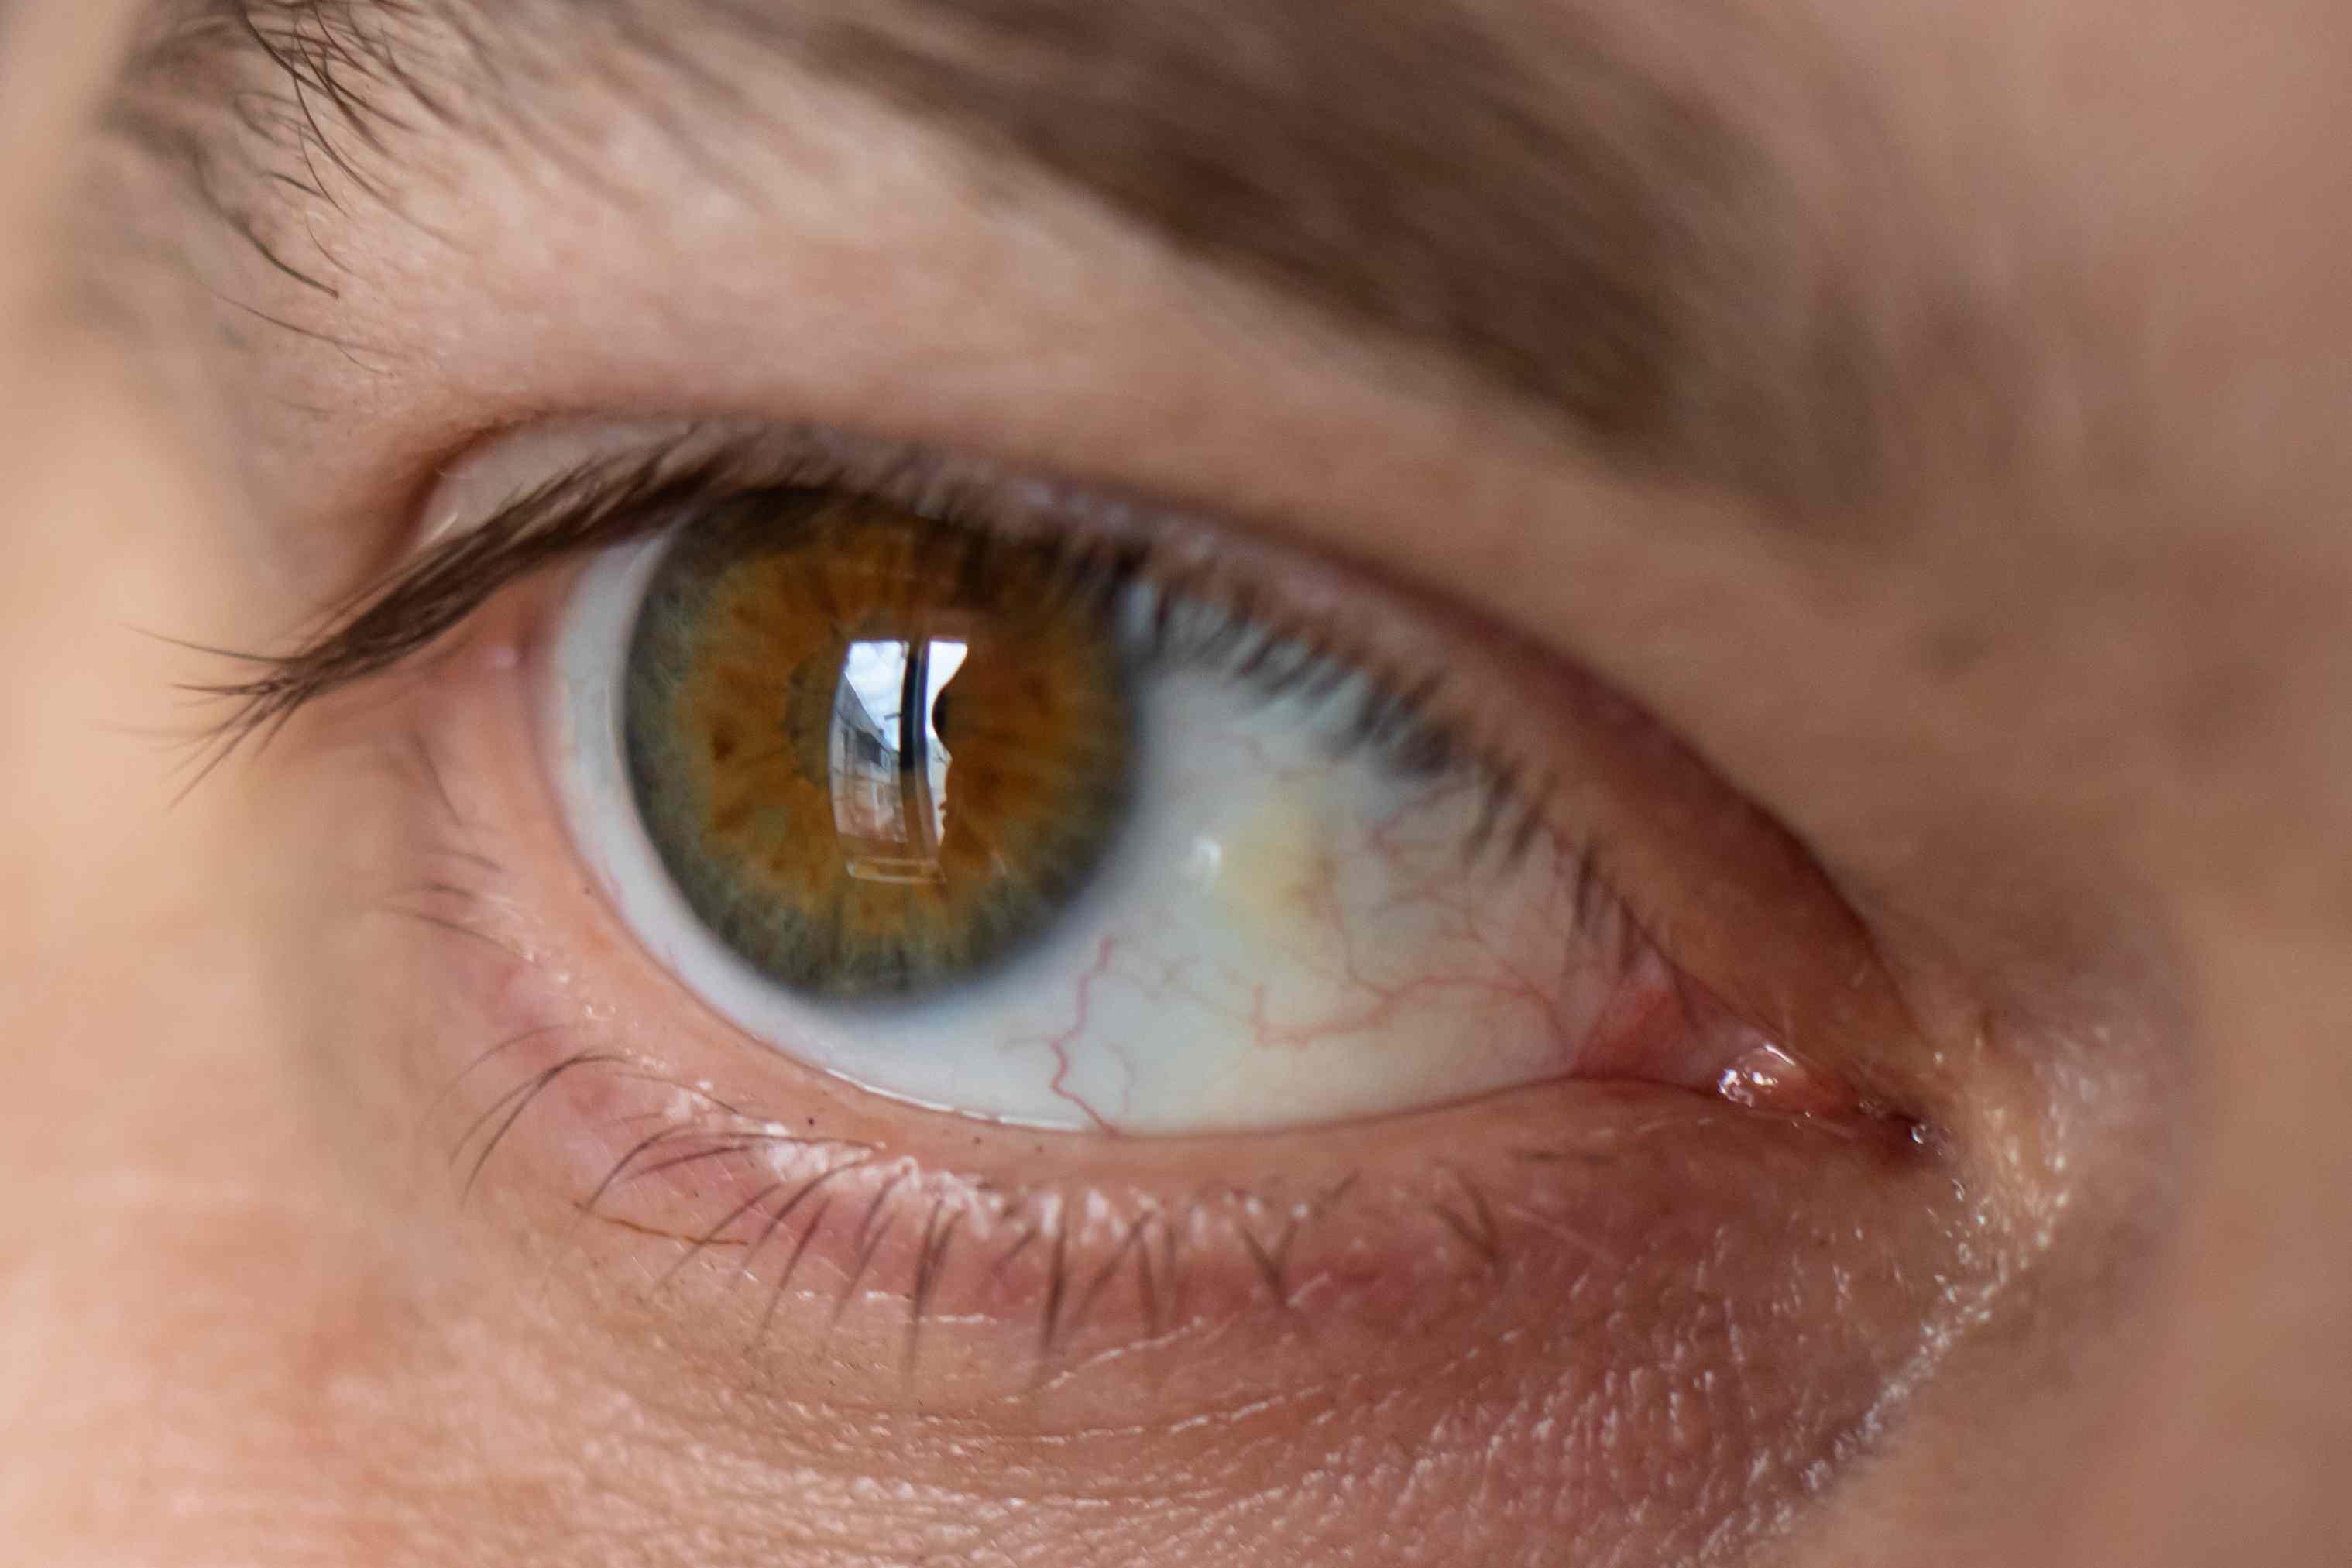 Pinguecula in the eye